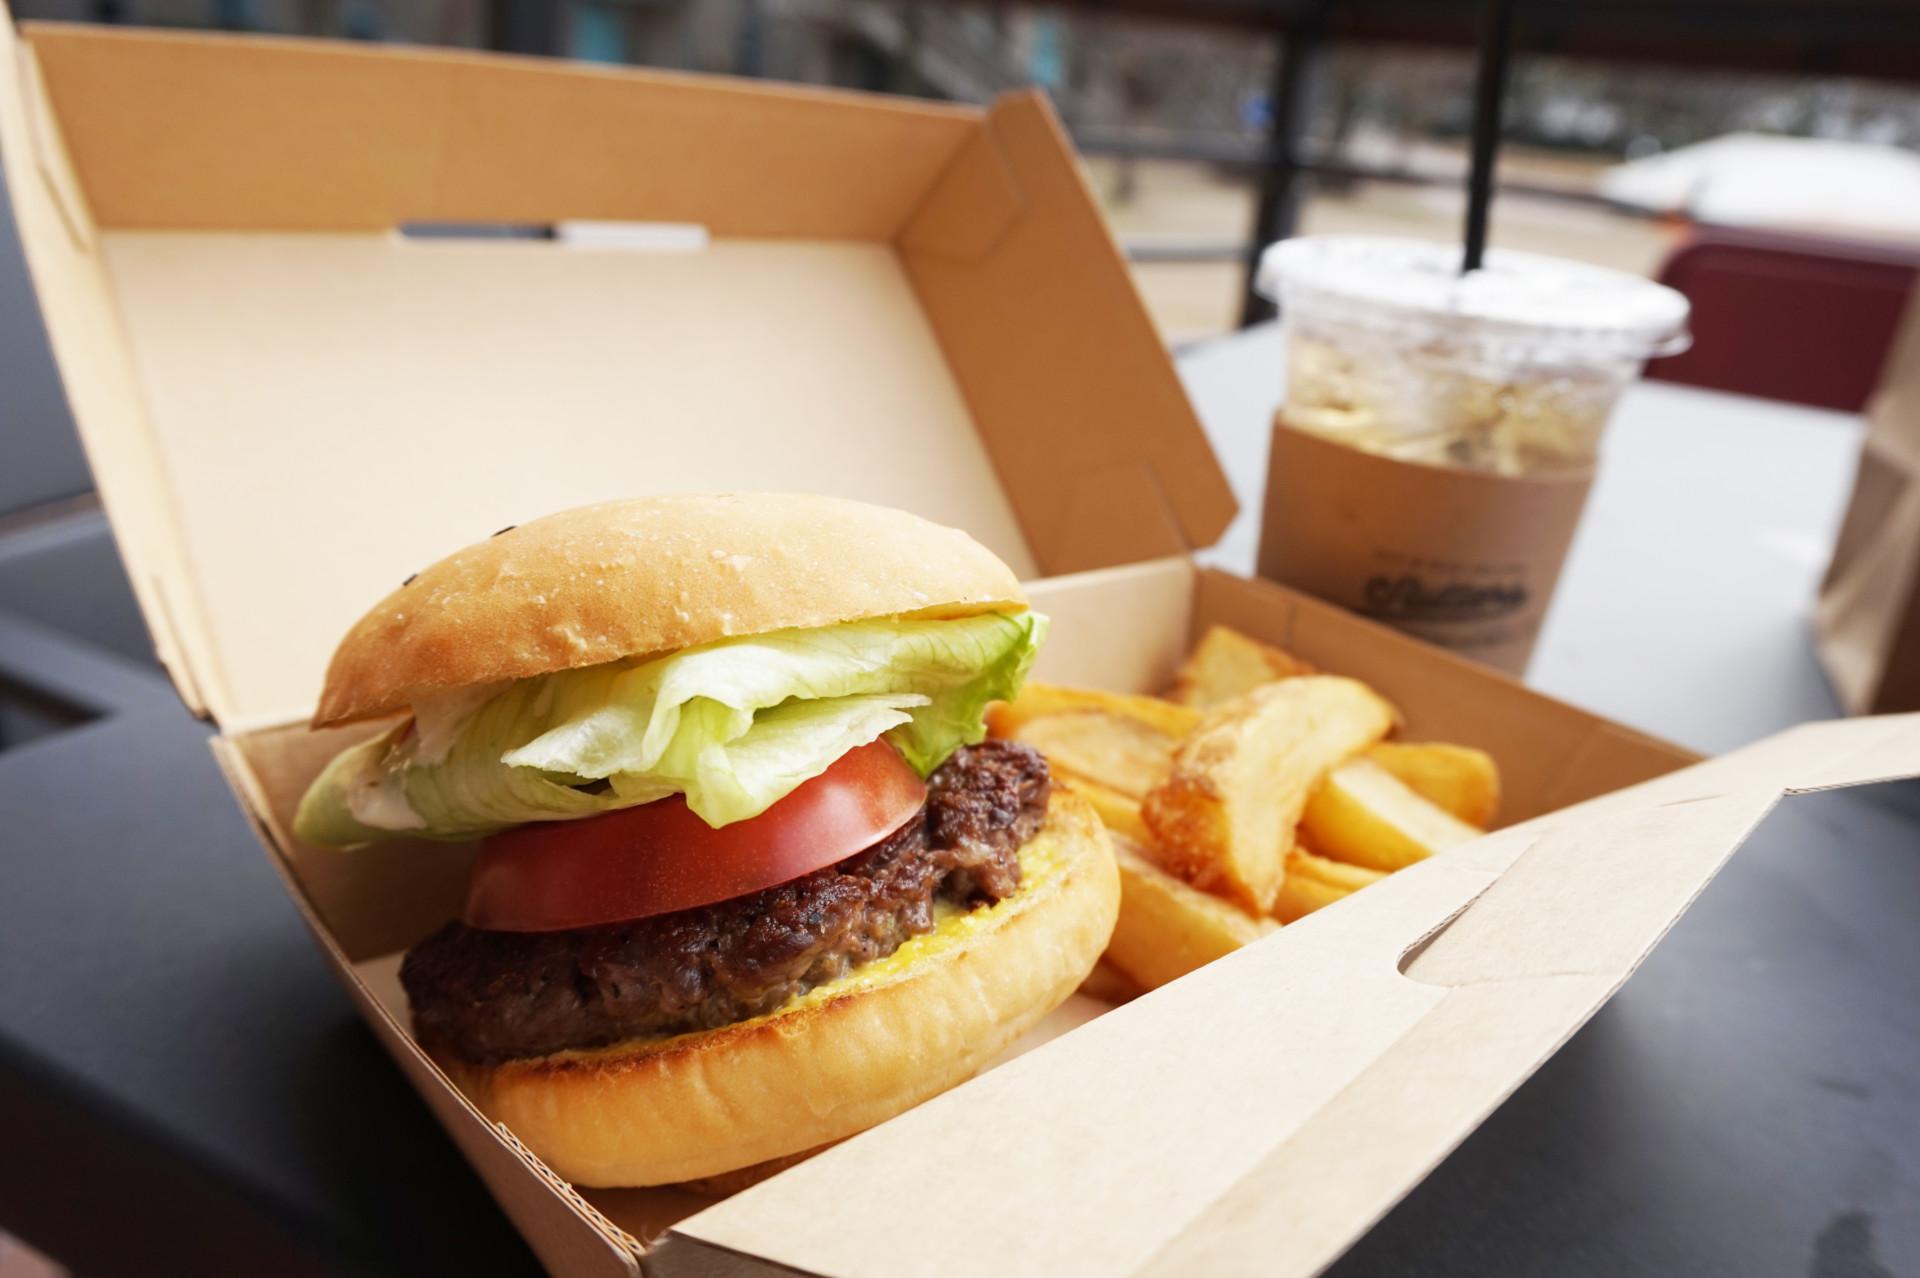 ハンバーガーセット(ポテトとドリンク付きで1,000円〈税別〉)